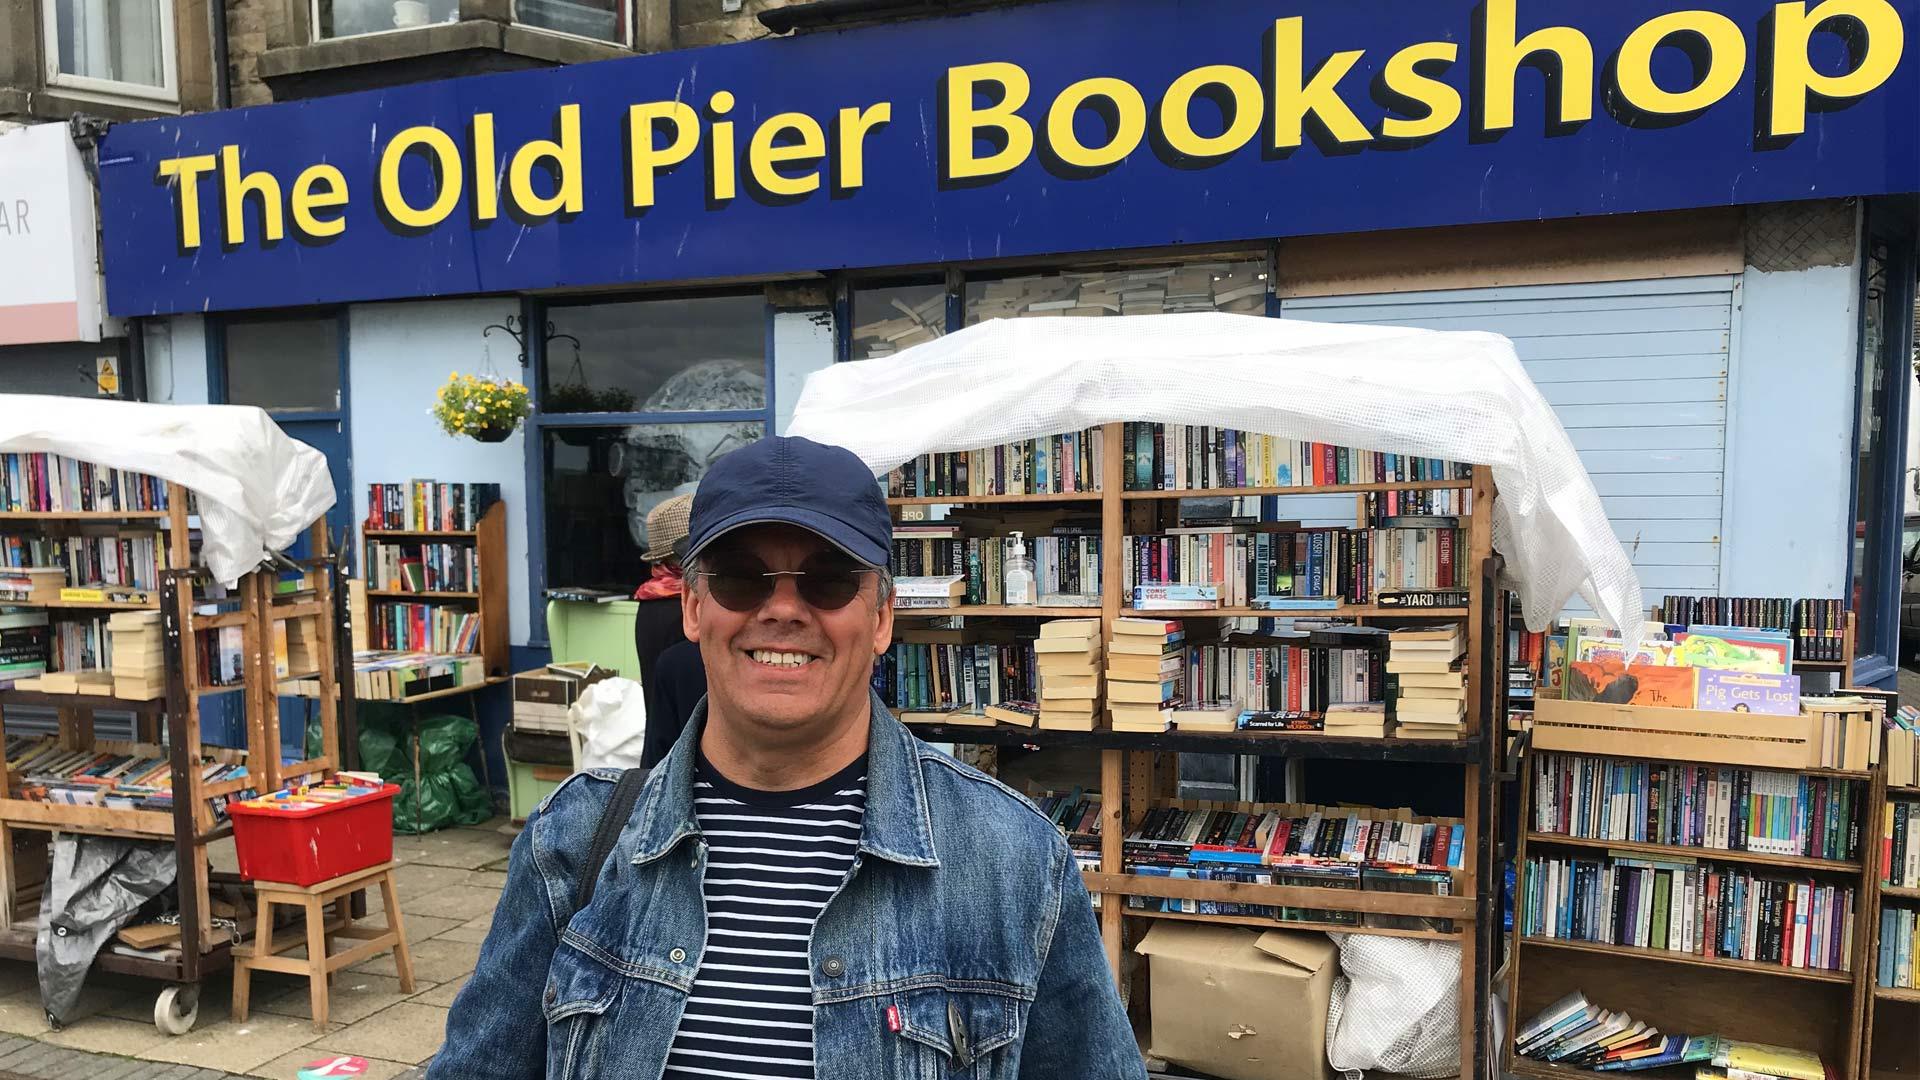 Old Pier Bookshop